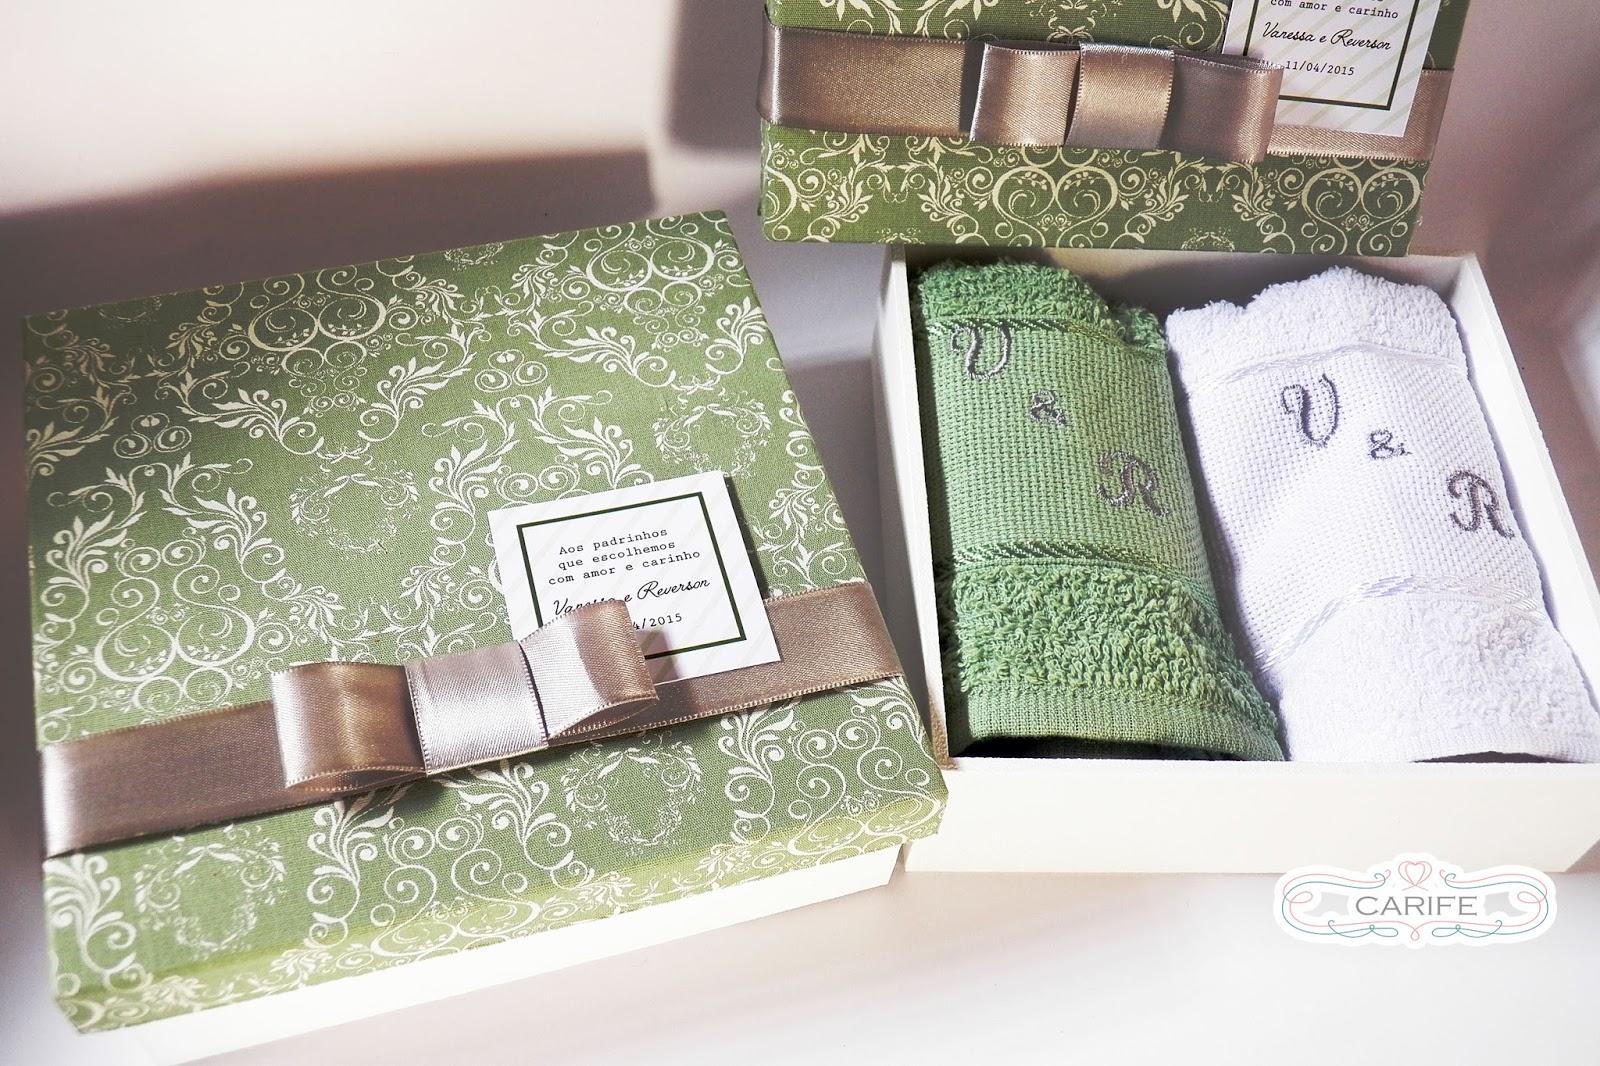 Bolsa De Lembrancinha De Casamento : Carife lembrancinhas brindes e kits criativos originais